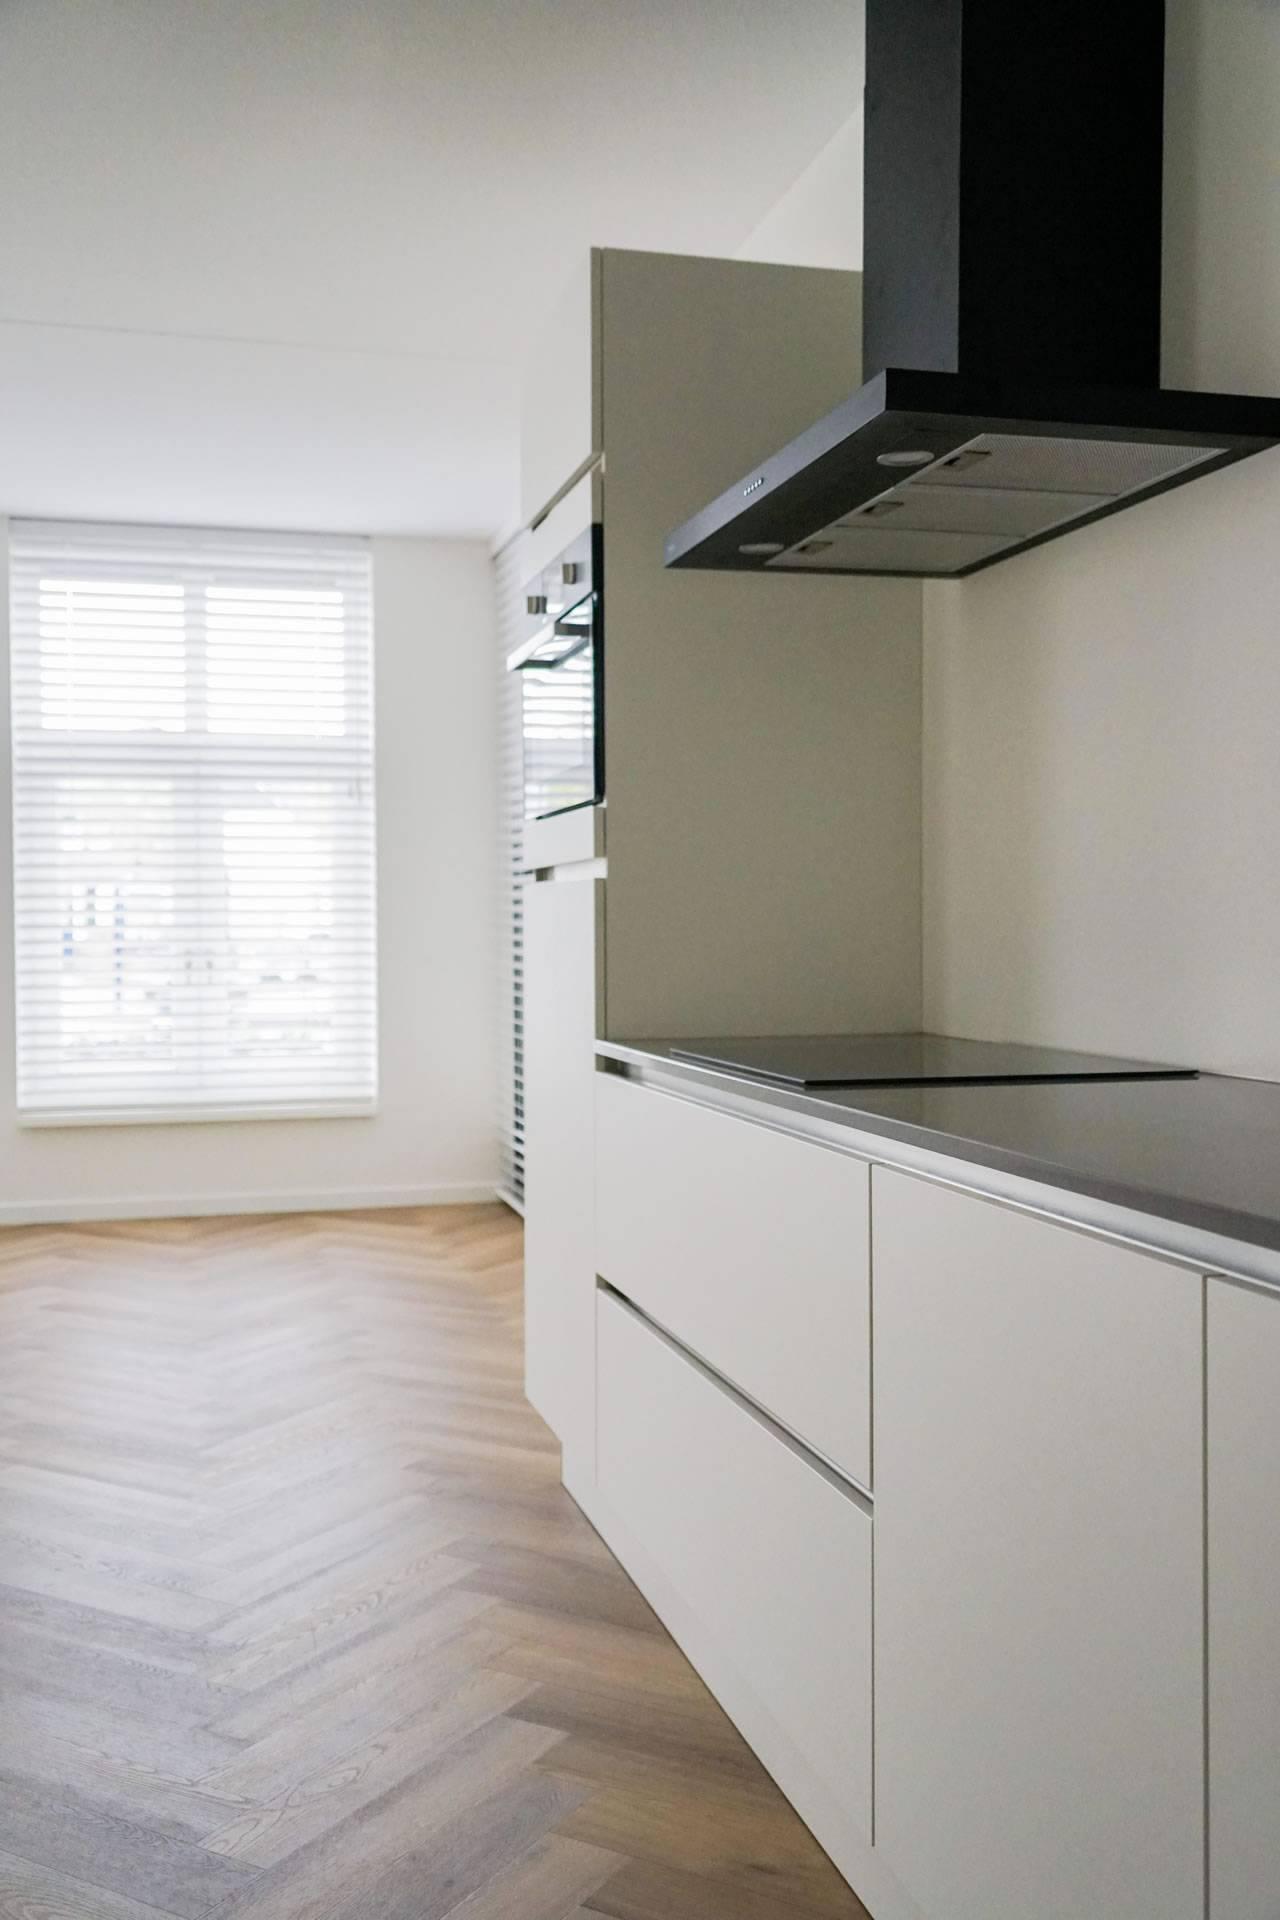 Verouden Bouwbedrijf - 6 luxe nieuwbouw appartementen - 59 - DSC05260